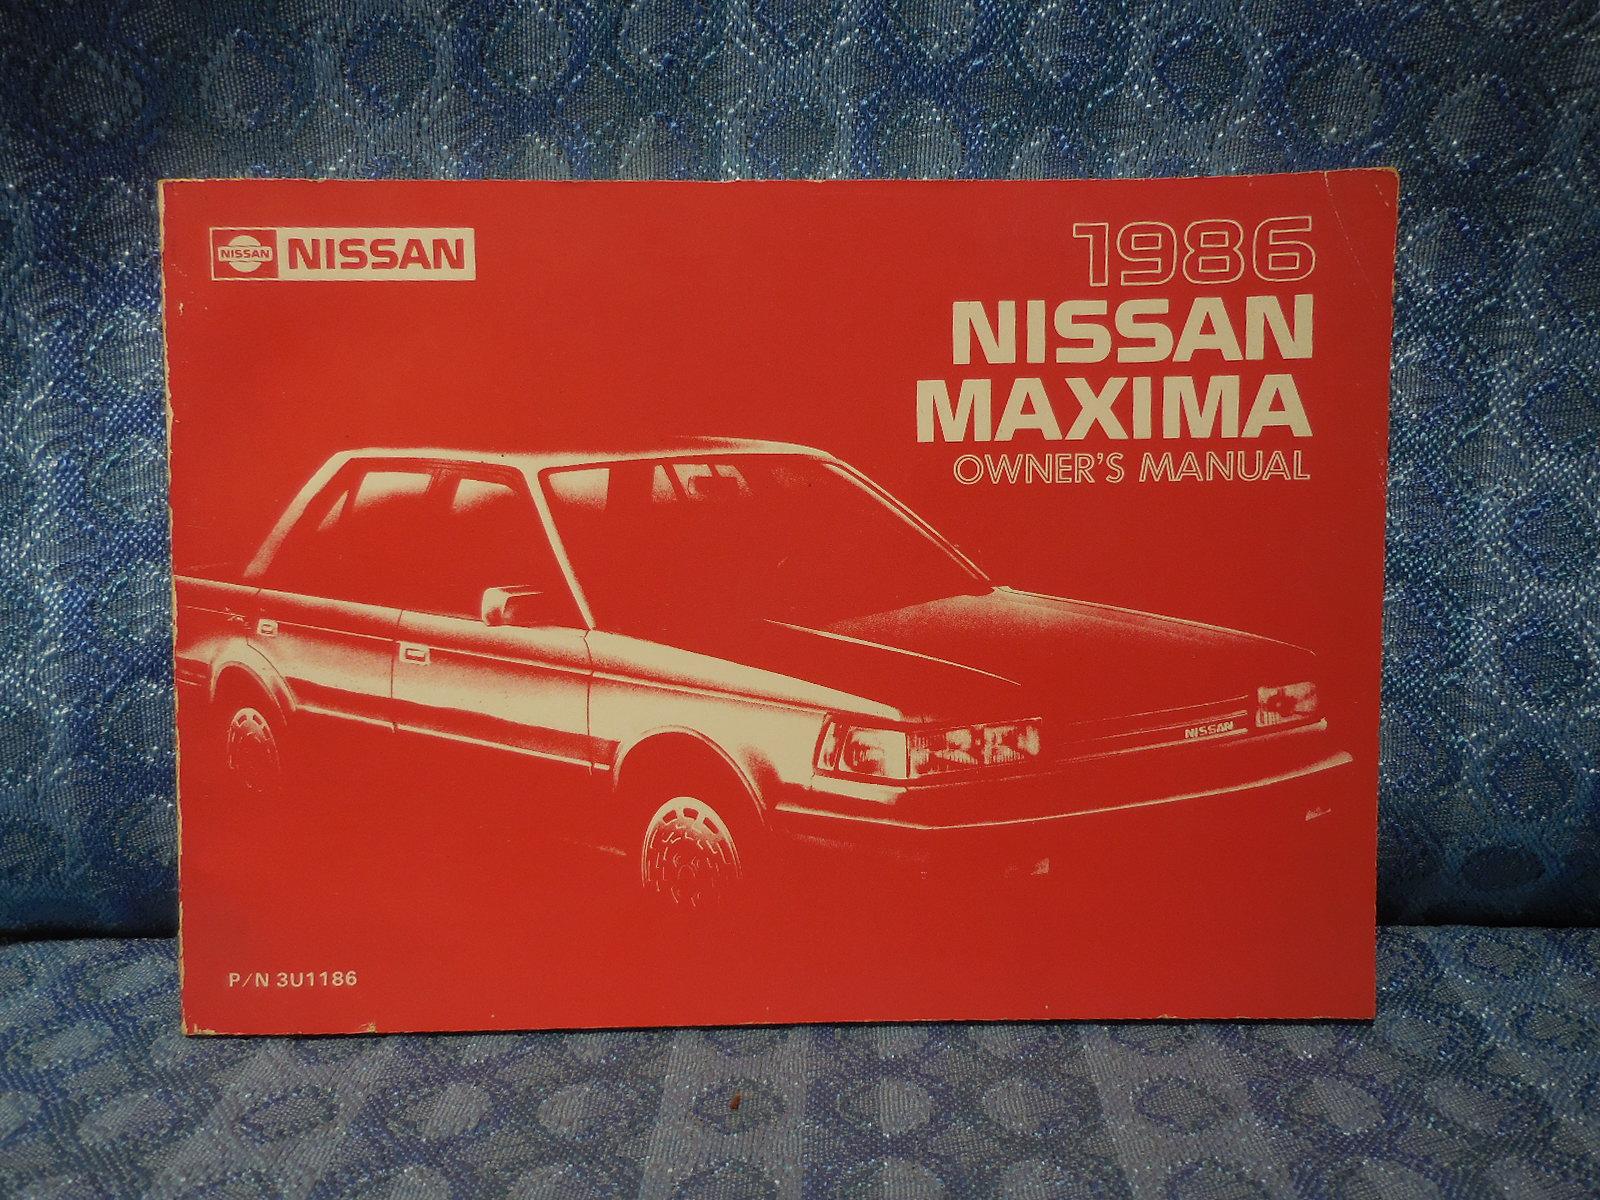 original owners manual for 1986 nissan maxima nos texas parts llc rh nostexasparts com 1985 Nissan Maxima Interior 1988 Nissan Maxima